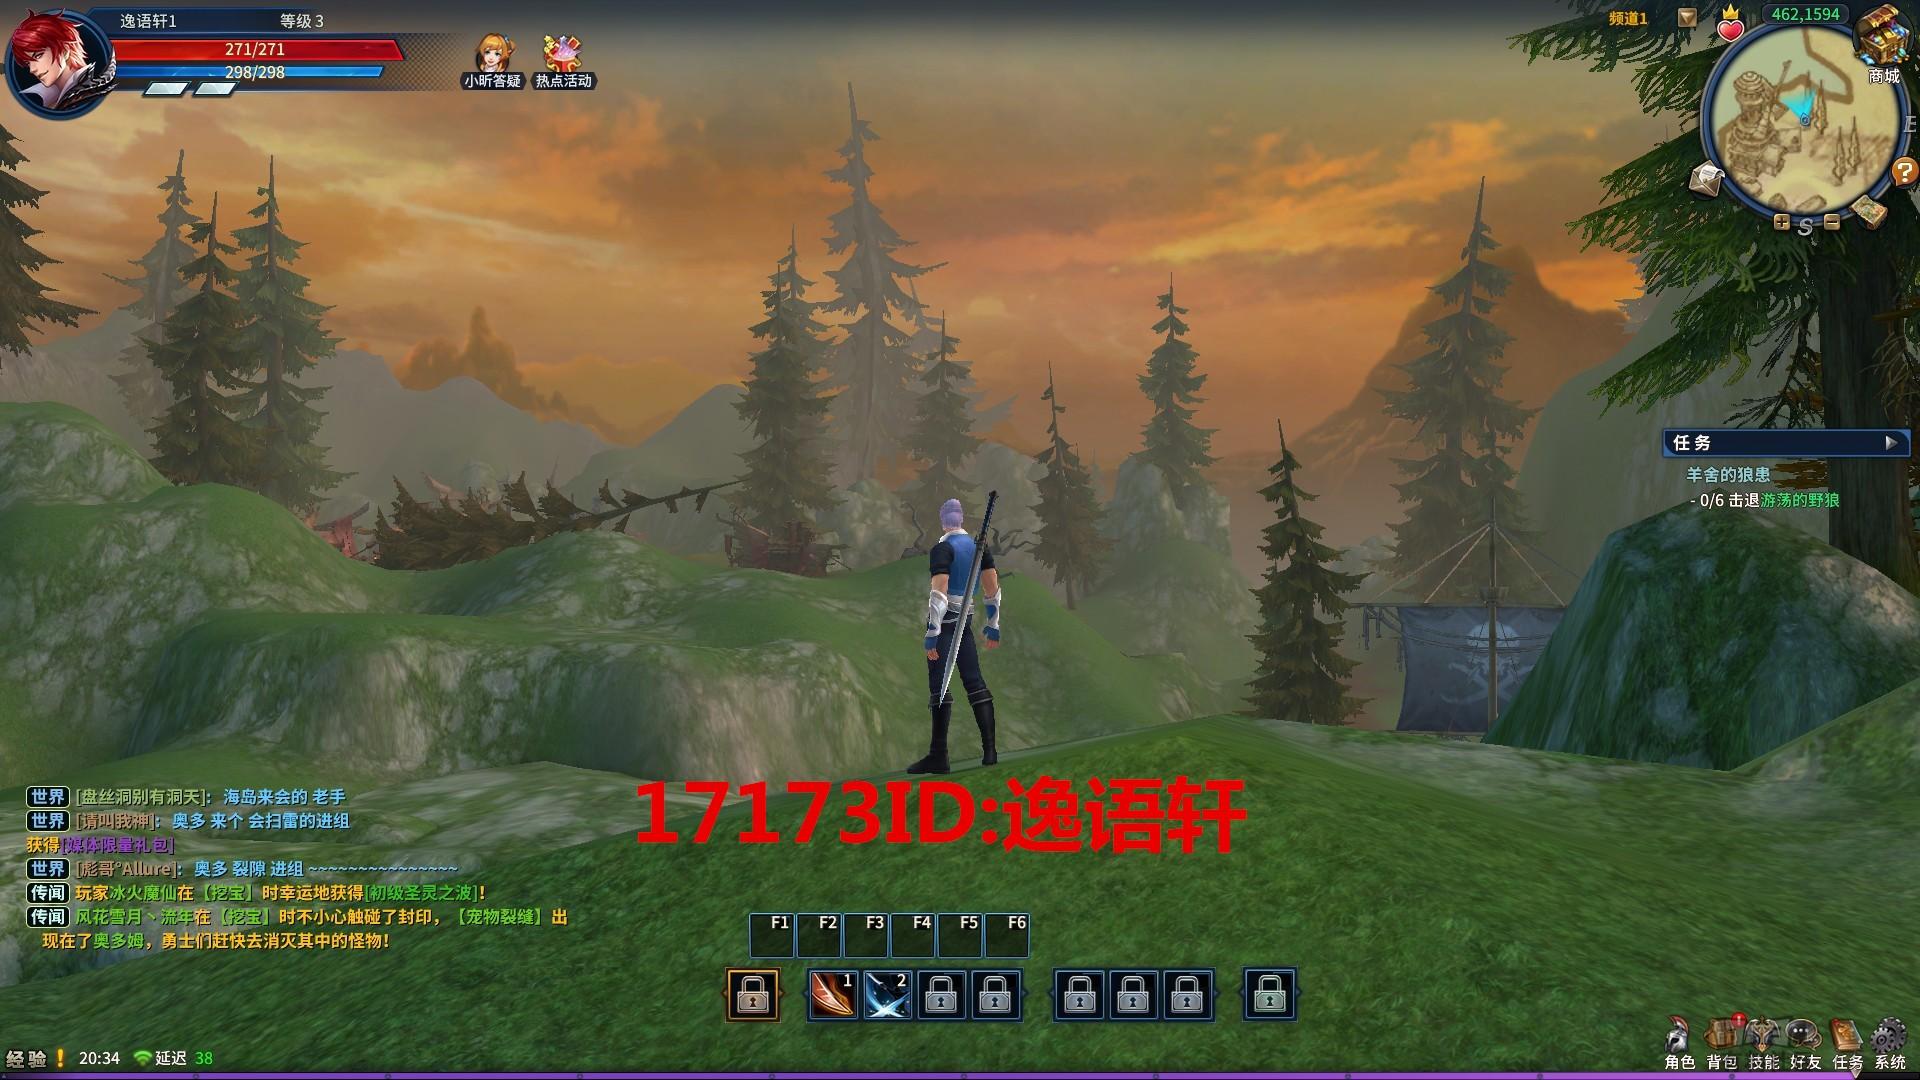 17173-2_副本.jpg